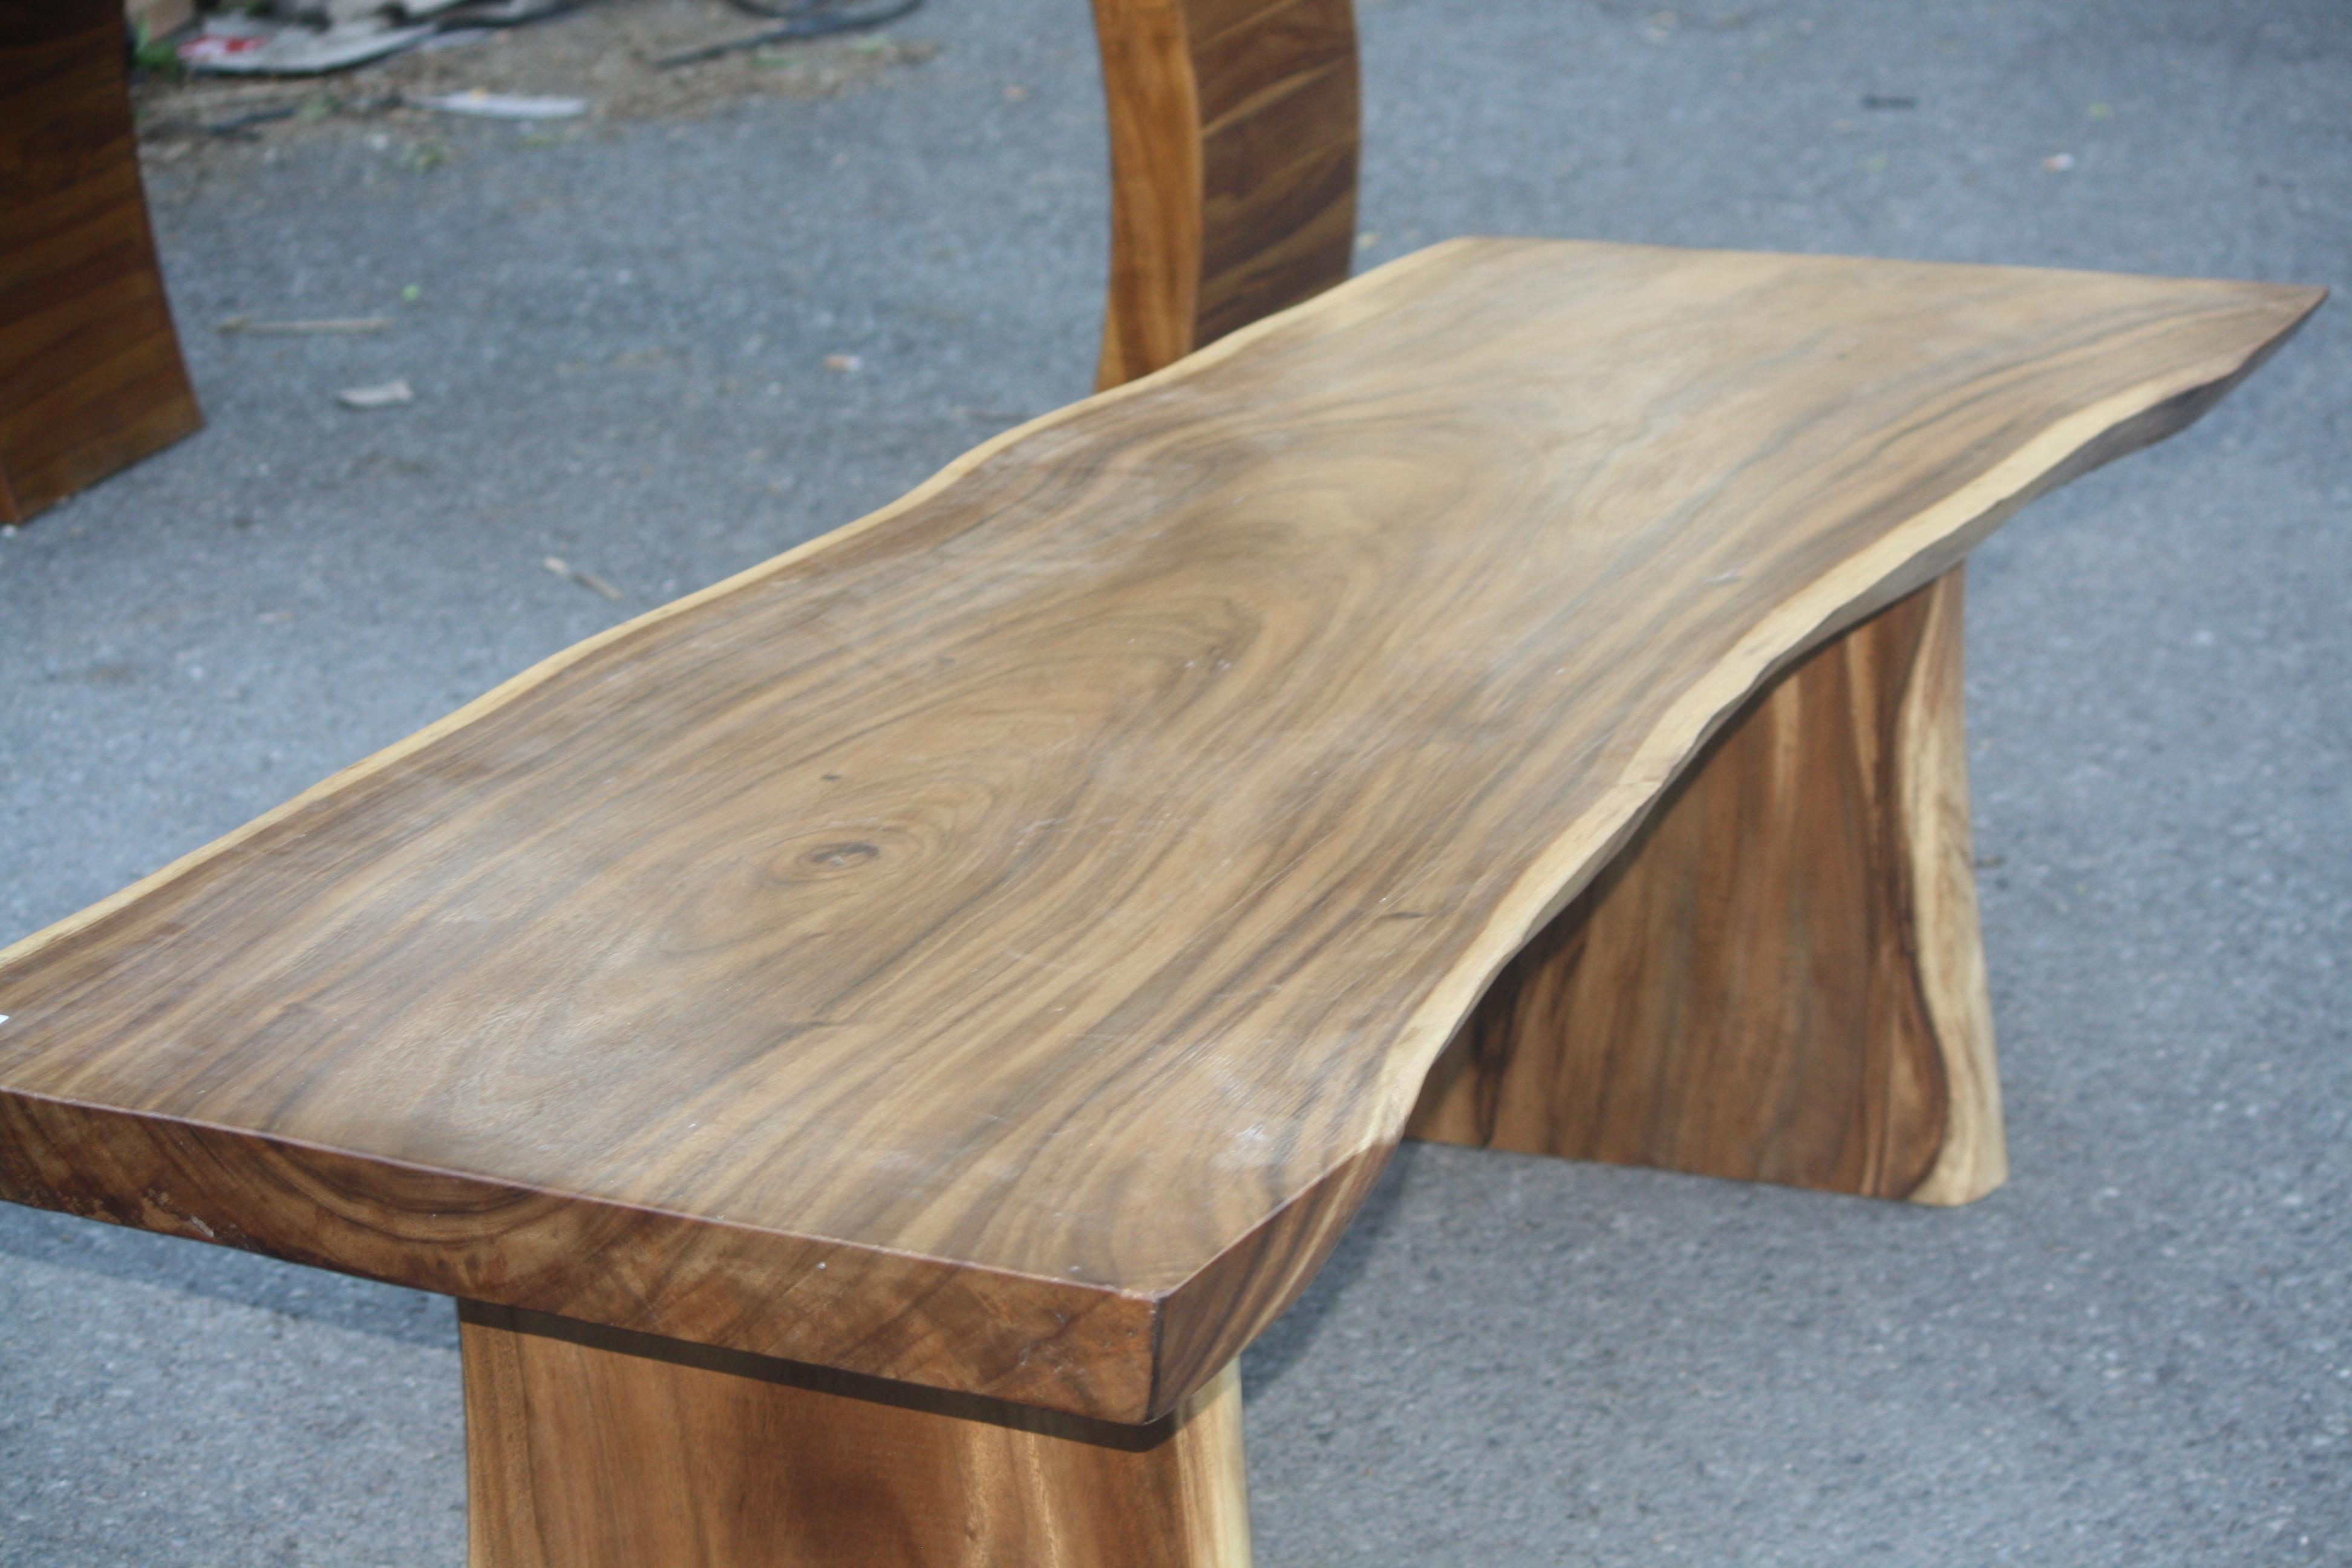 rich mahogany grain table